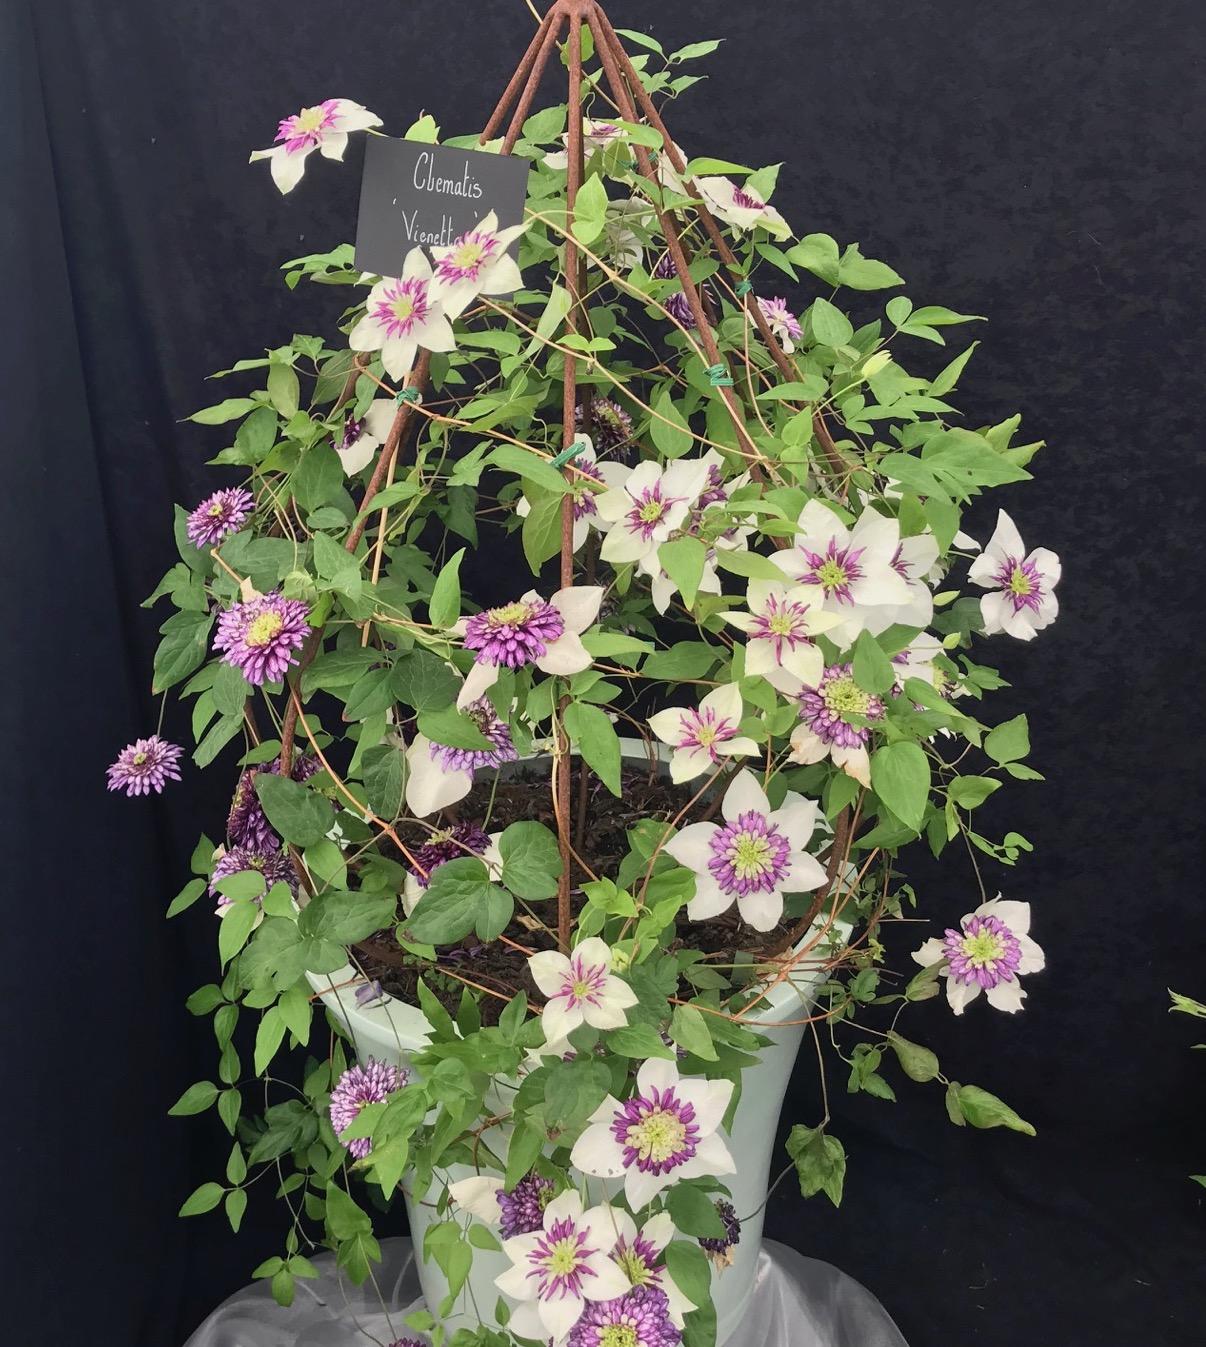 Climbing Plants - Clematis Viennetta